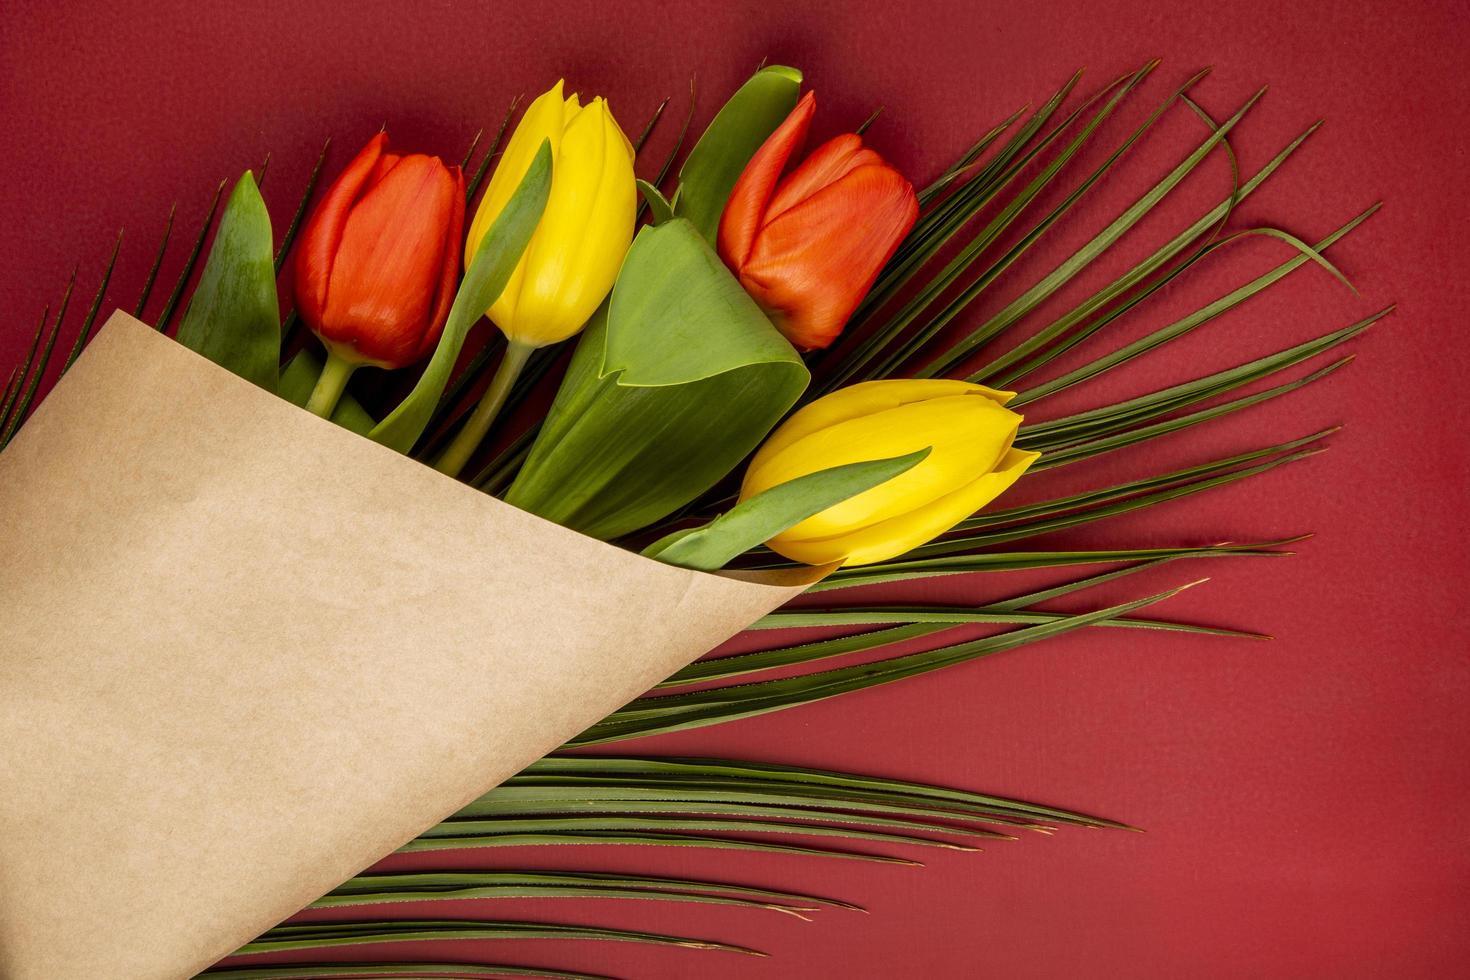 Vista superior de un ramo de tulipanes rojos y amarillos en papel kraft foto